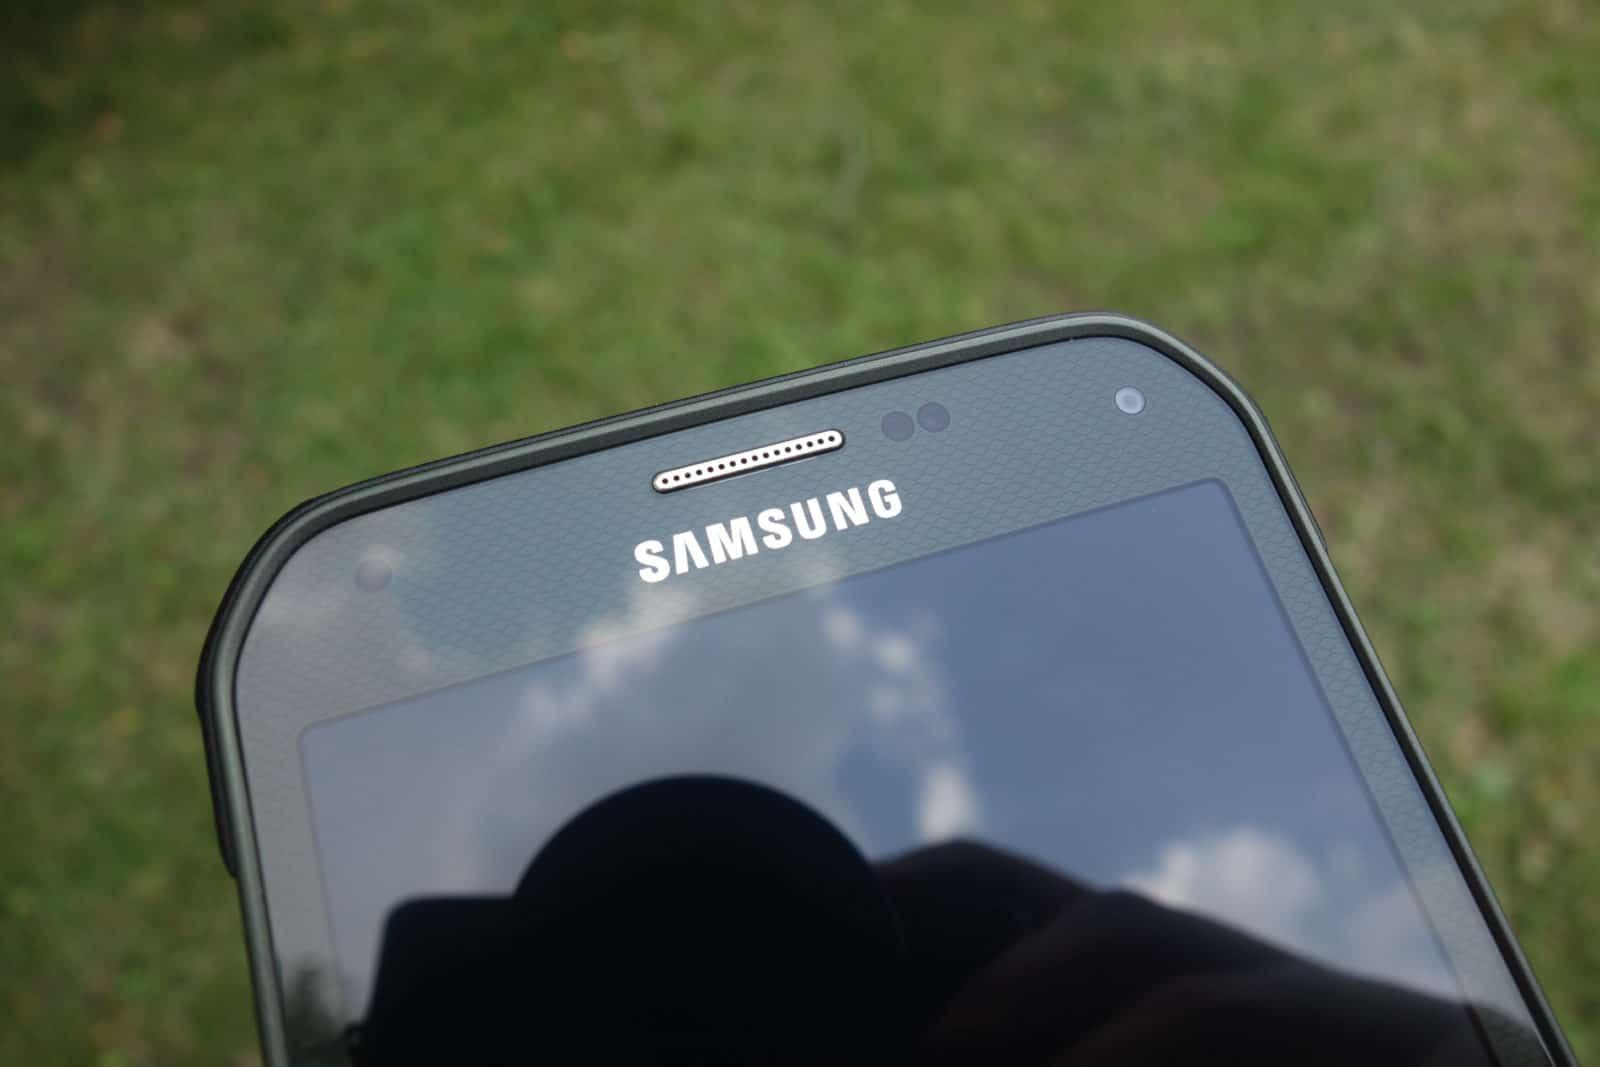 Samsung-Galaxy-S5-Active-AH-33